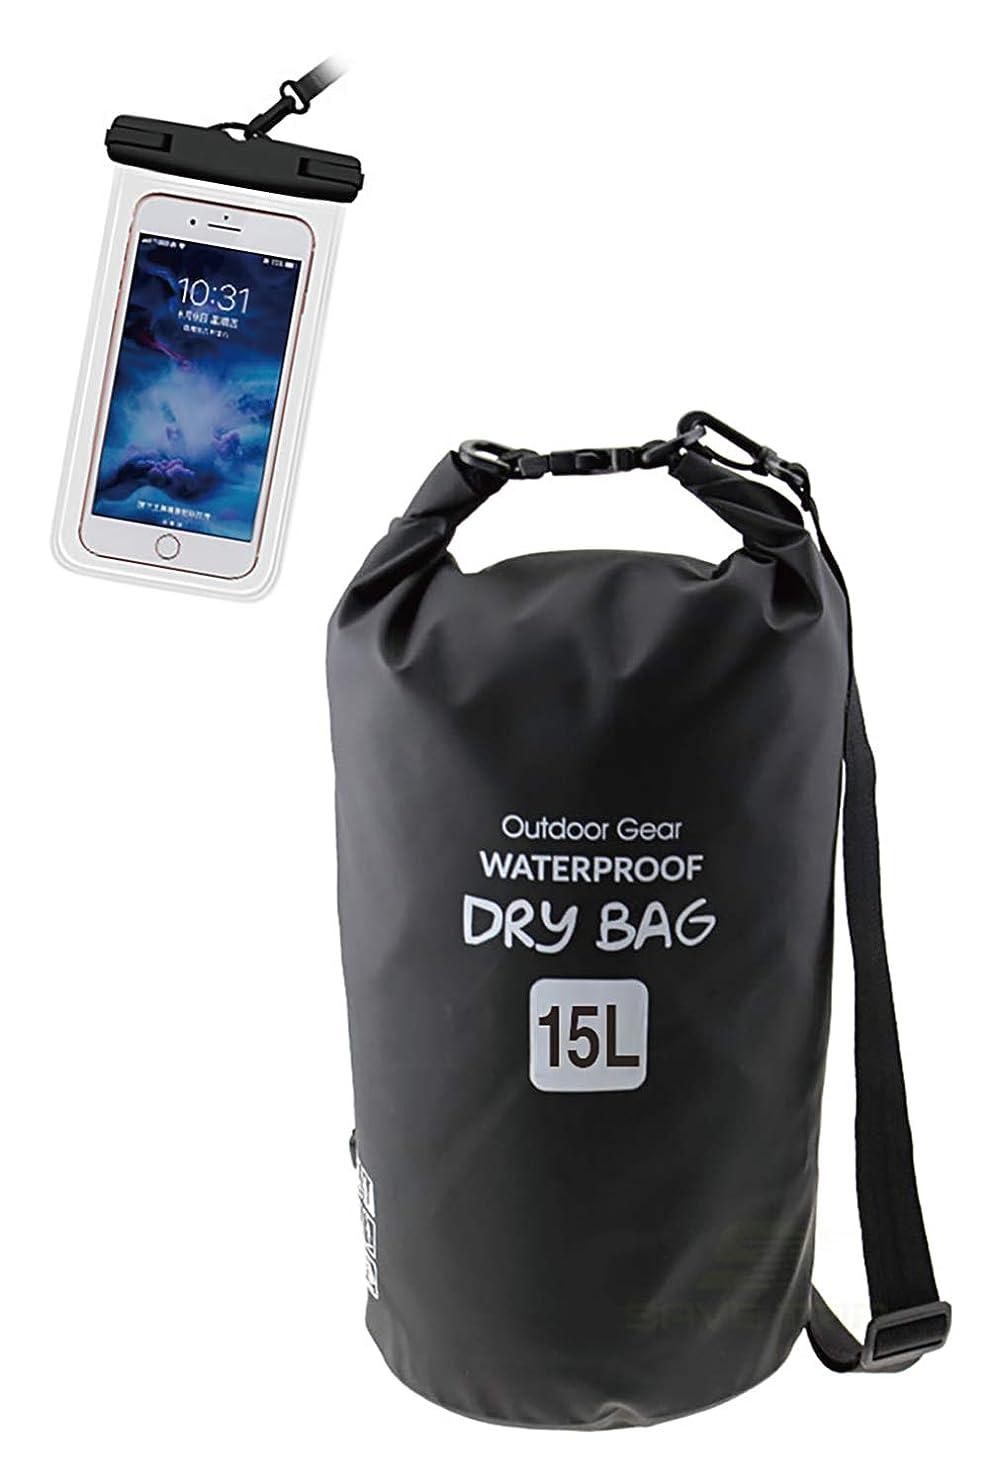 推進力旧正月王室【Amazon限定ブランド】 Jaden ドライバッグ 防水 万能 サイズ 15L スマホ ケース 付き プールバッグ 防水バッグ